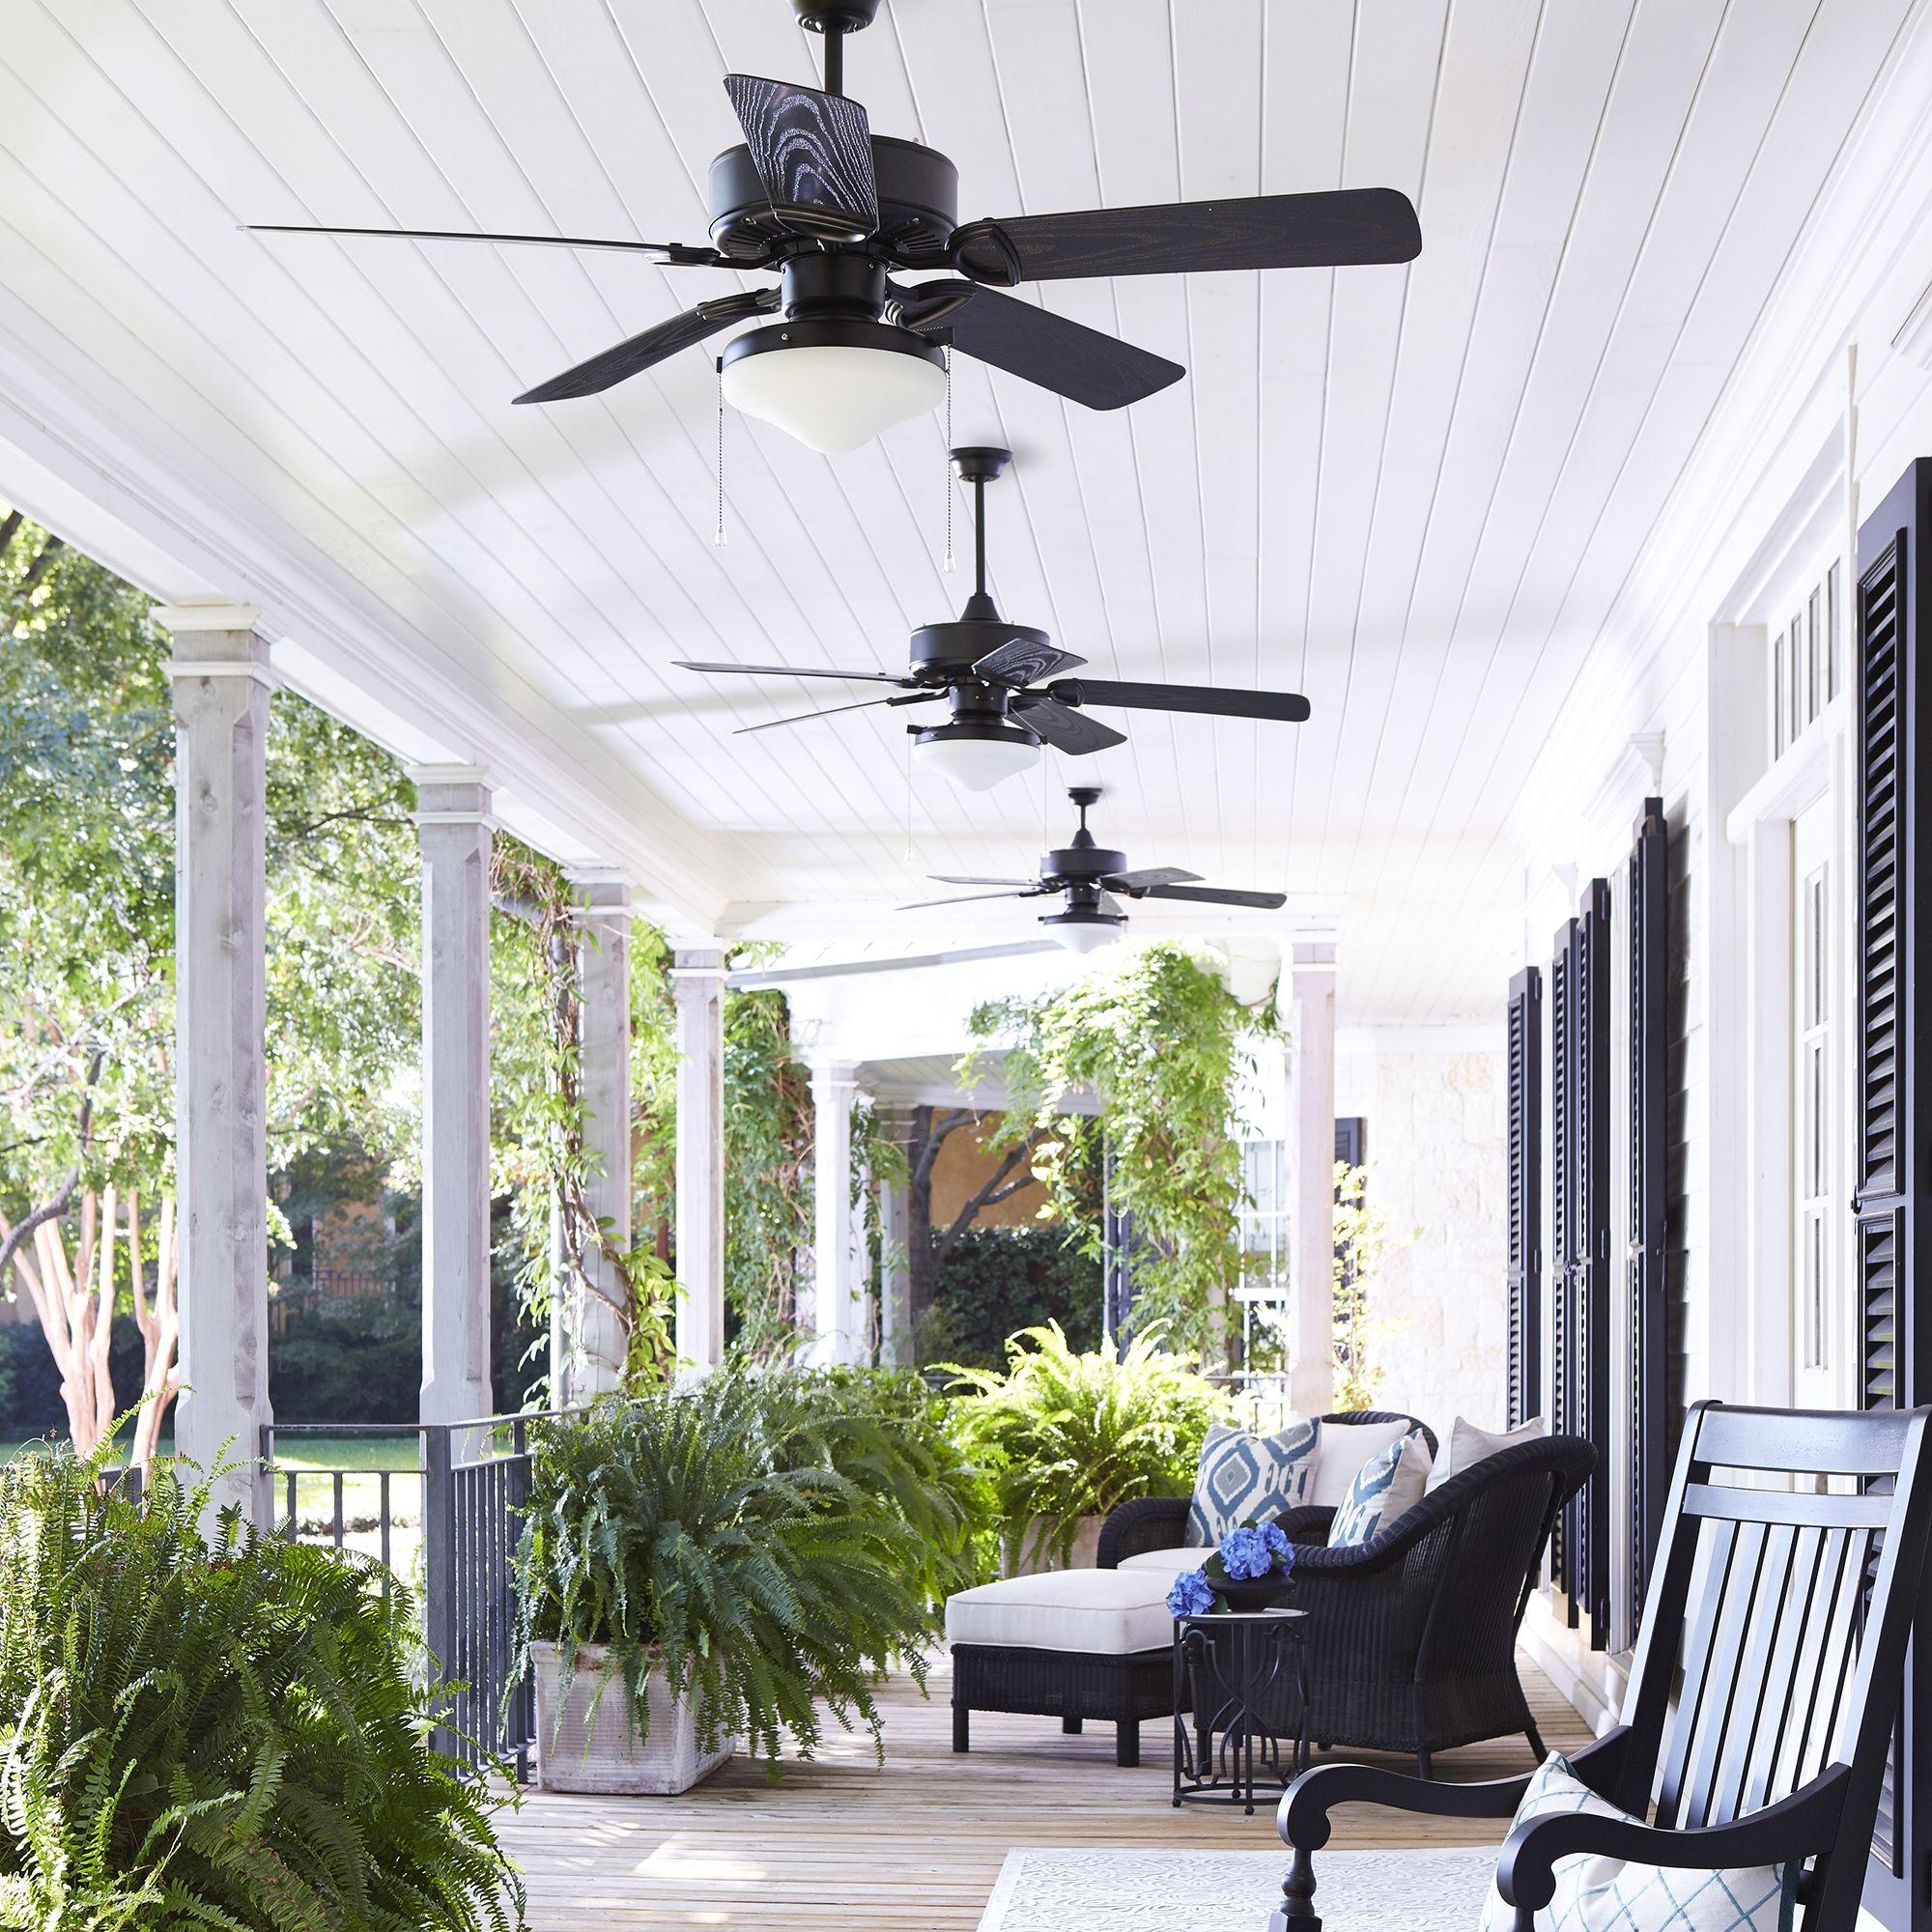 Porch Ceiling Fans Outdoor Ceiling Fans Brick Exterior House Ceiling Fan Outdoor ceiling fans on sale